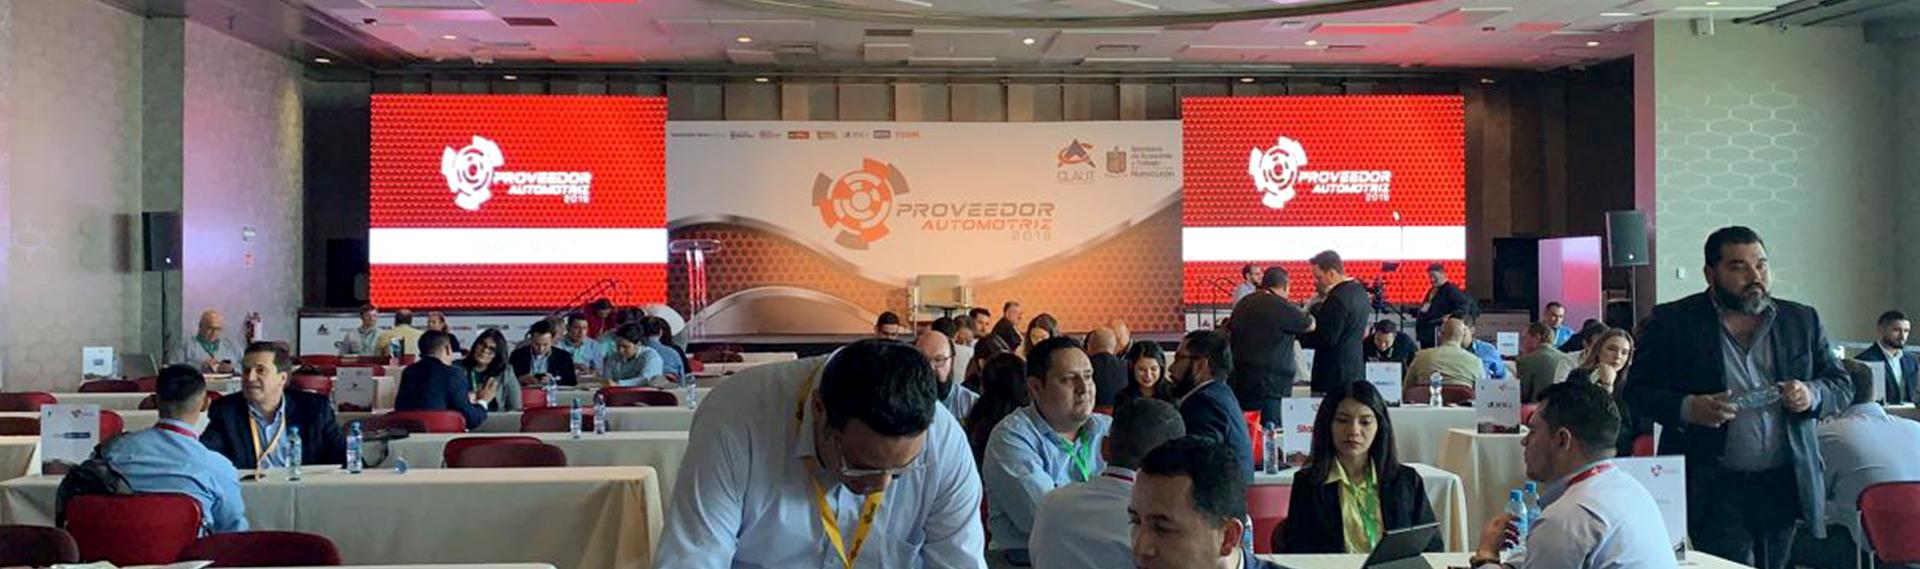 LARCS presente en la Expo Proveedor Automotriz 2019